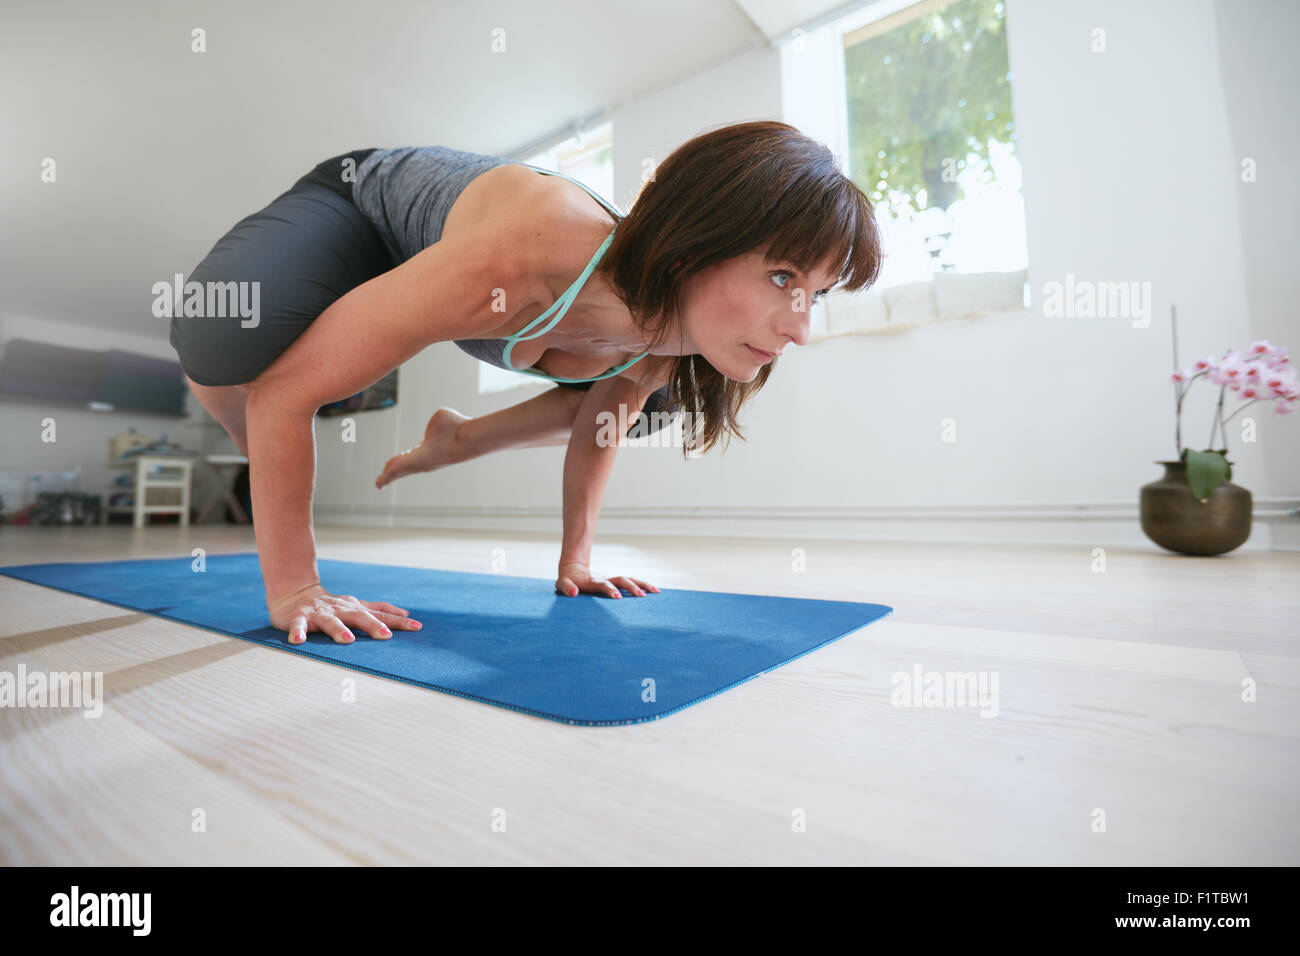 Fitness matura donna in piedi sulle mani con i piedi sollevati facendo yoga gru pongono - Bakasana. Donna facendo Immagini Stock